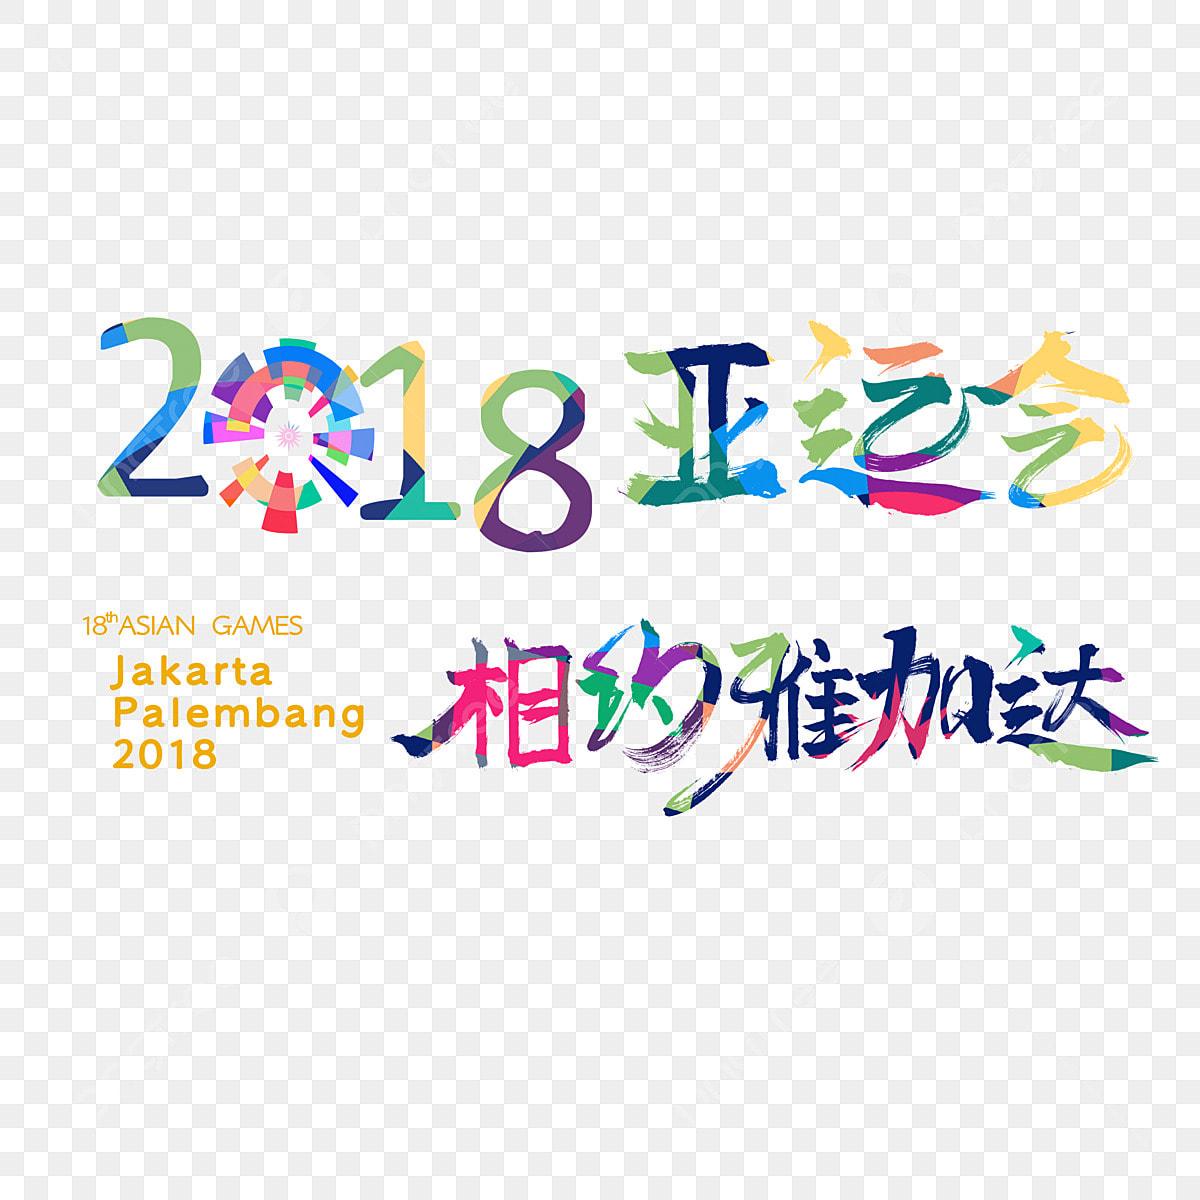 2018 Asian Games Meet In Jakarta Asian Games Jakarta Font